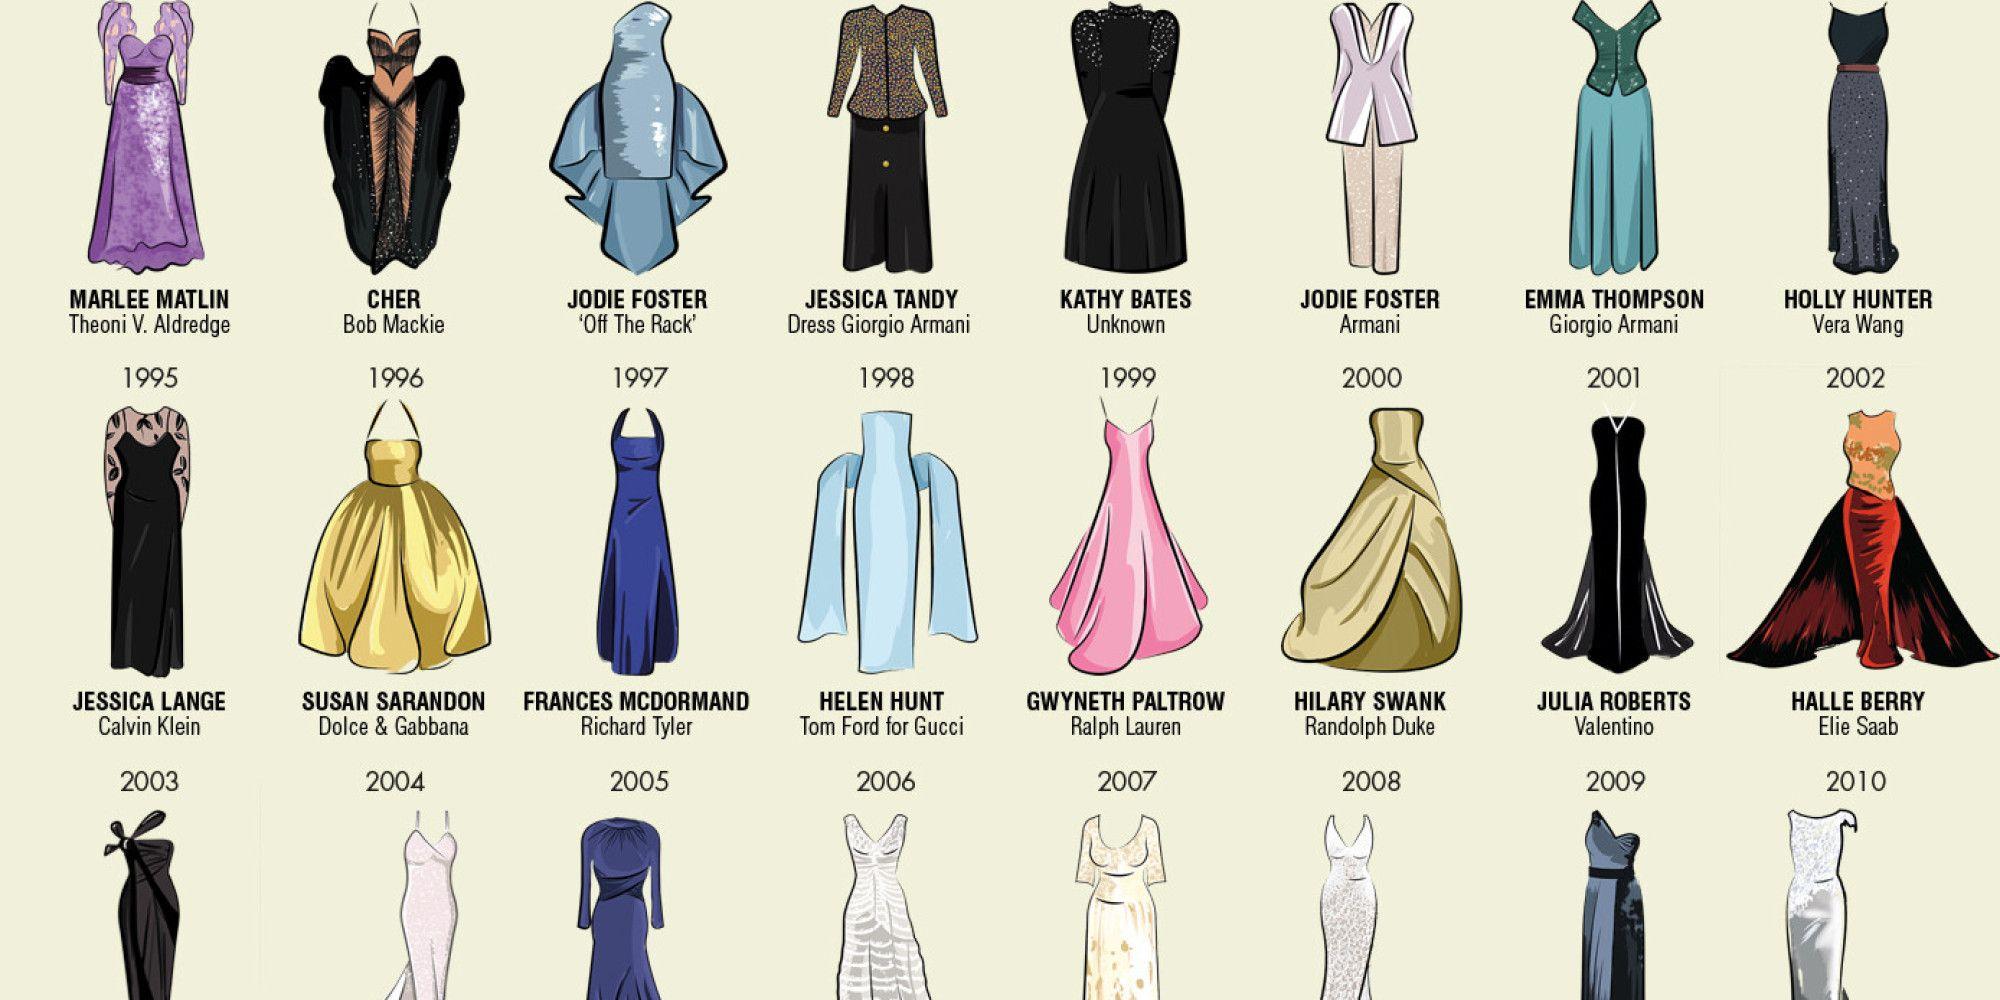 infographic best dress  Best actress oscar, Oscar dresses, Best